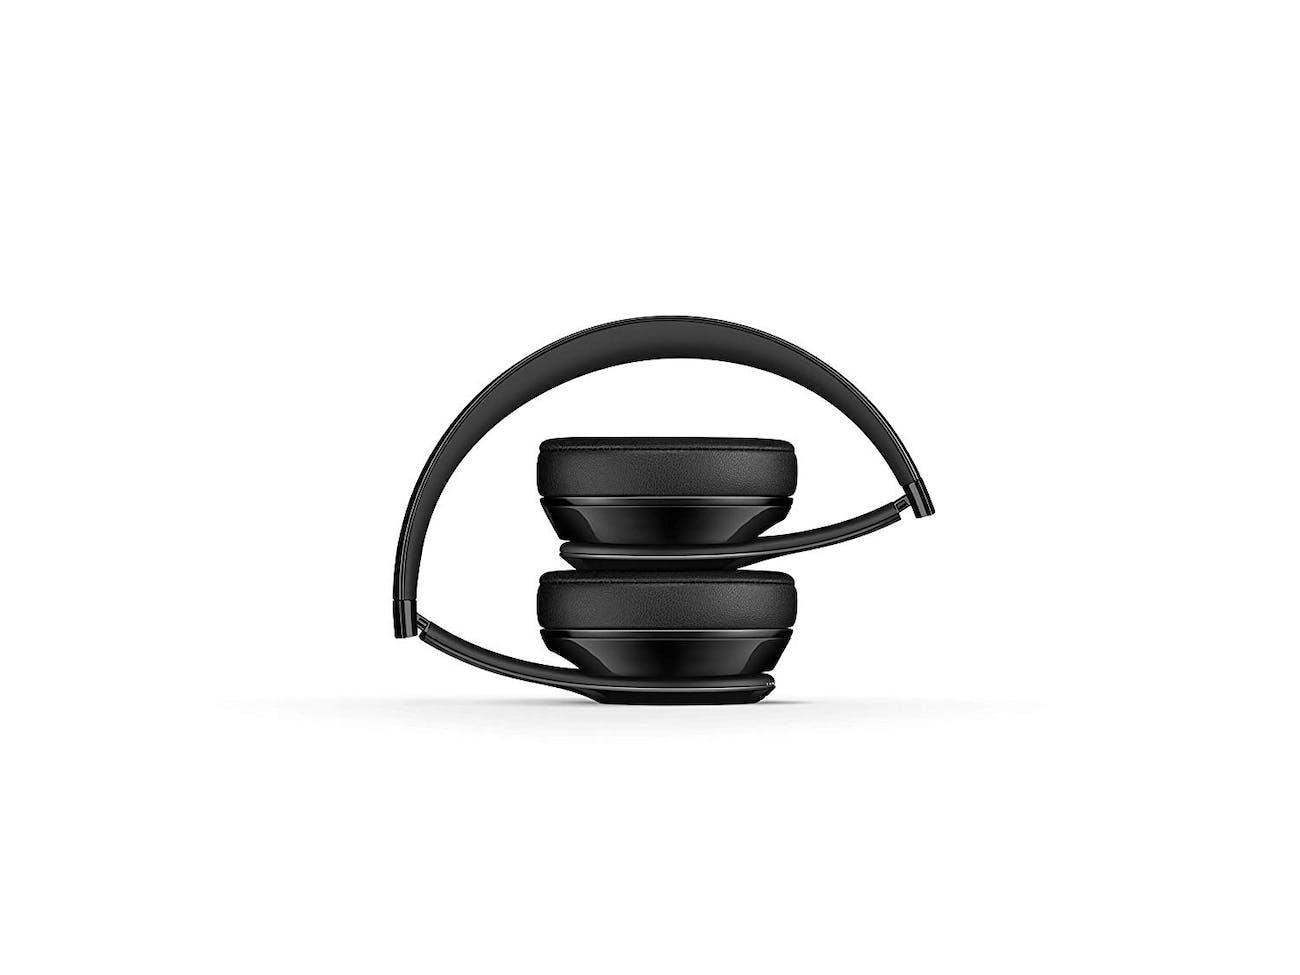 Beats Solo3 Wireless On-Ear Headphones - Gloss Black